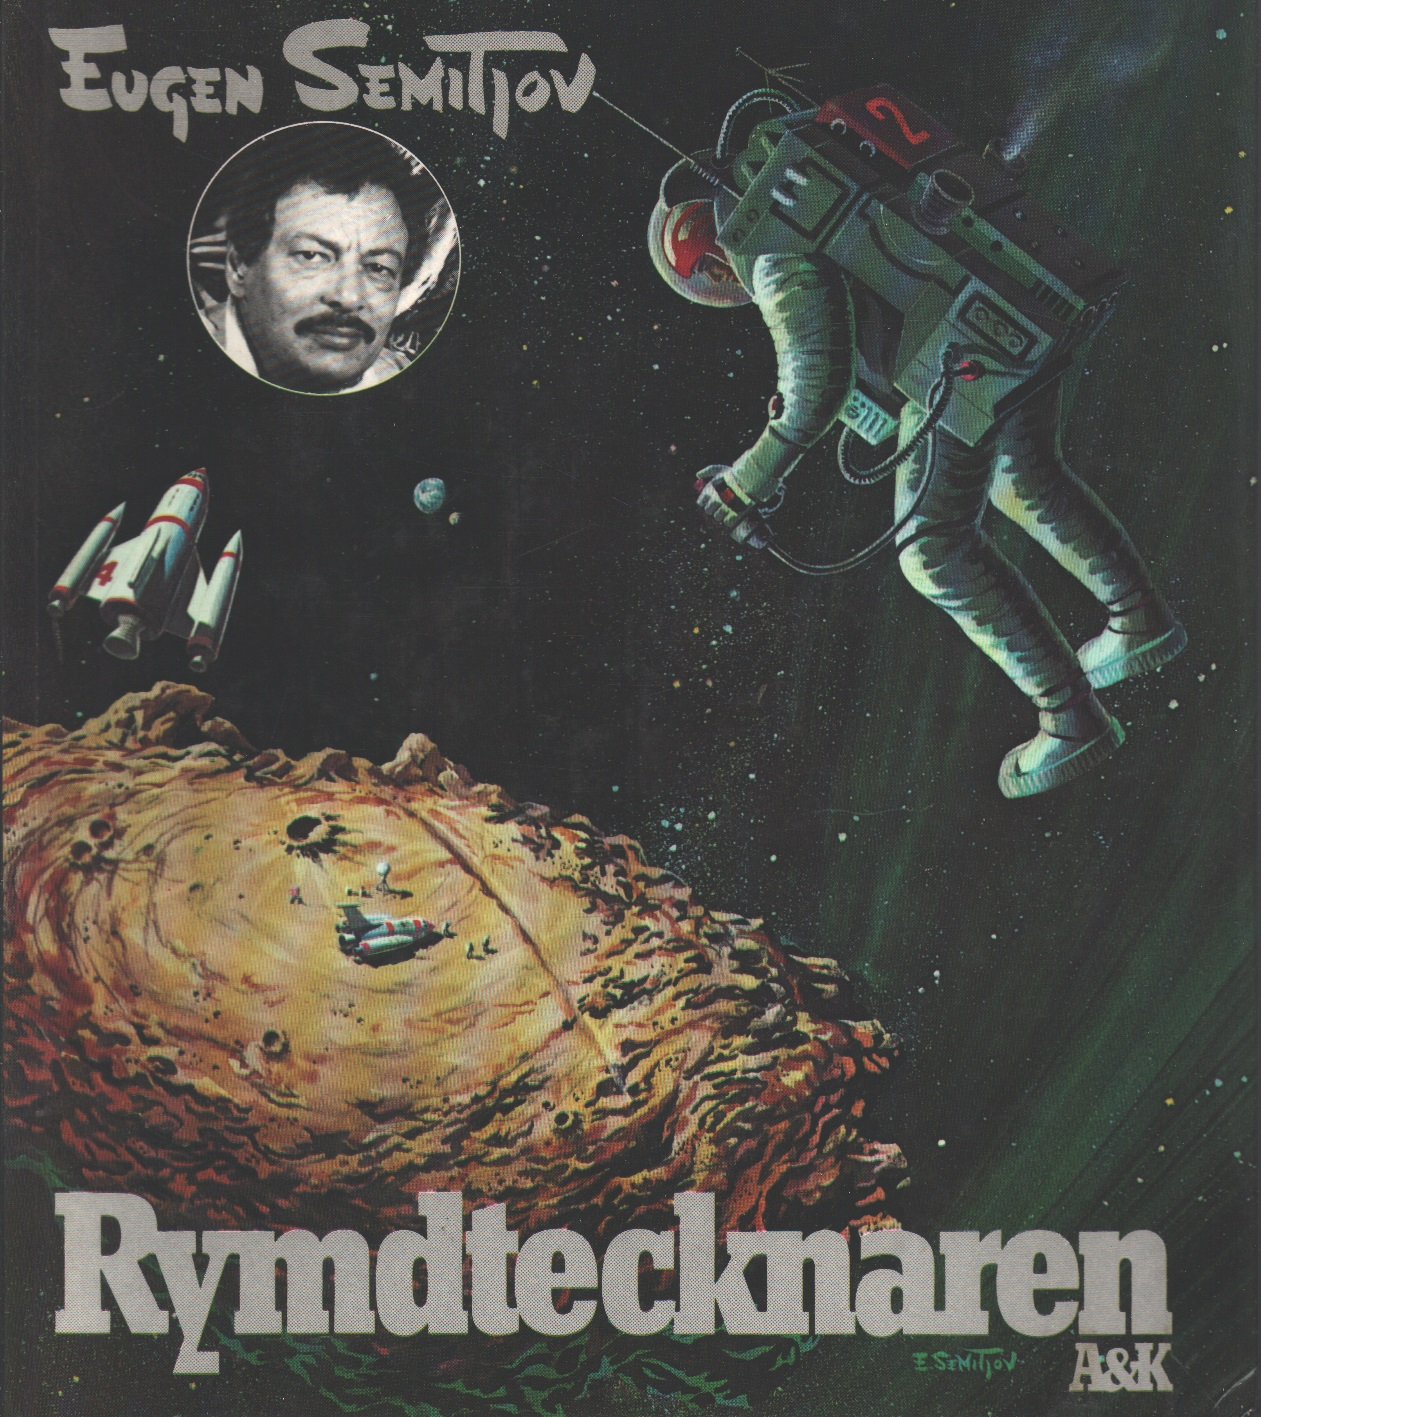 Rymdtecknaren - Semitjov, Eugen